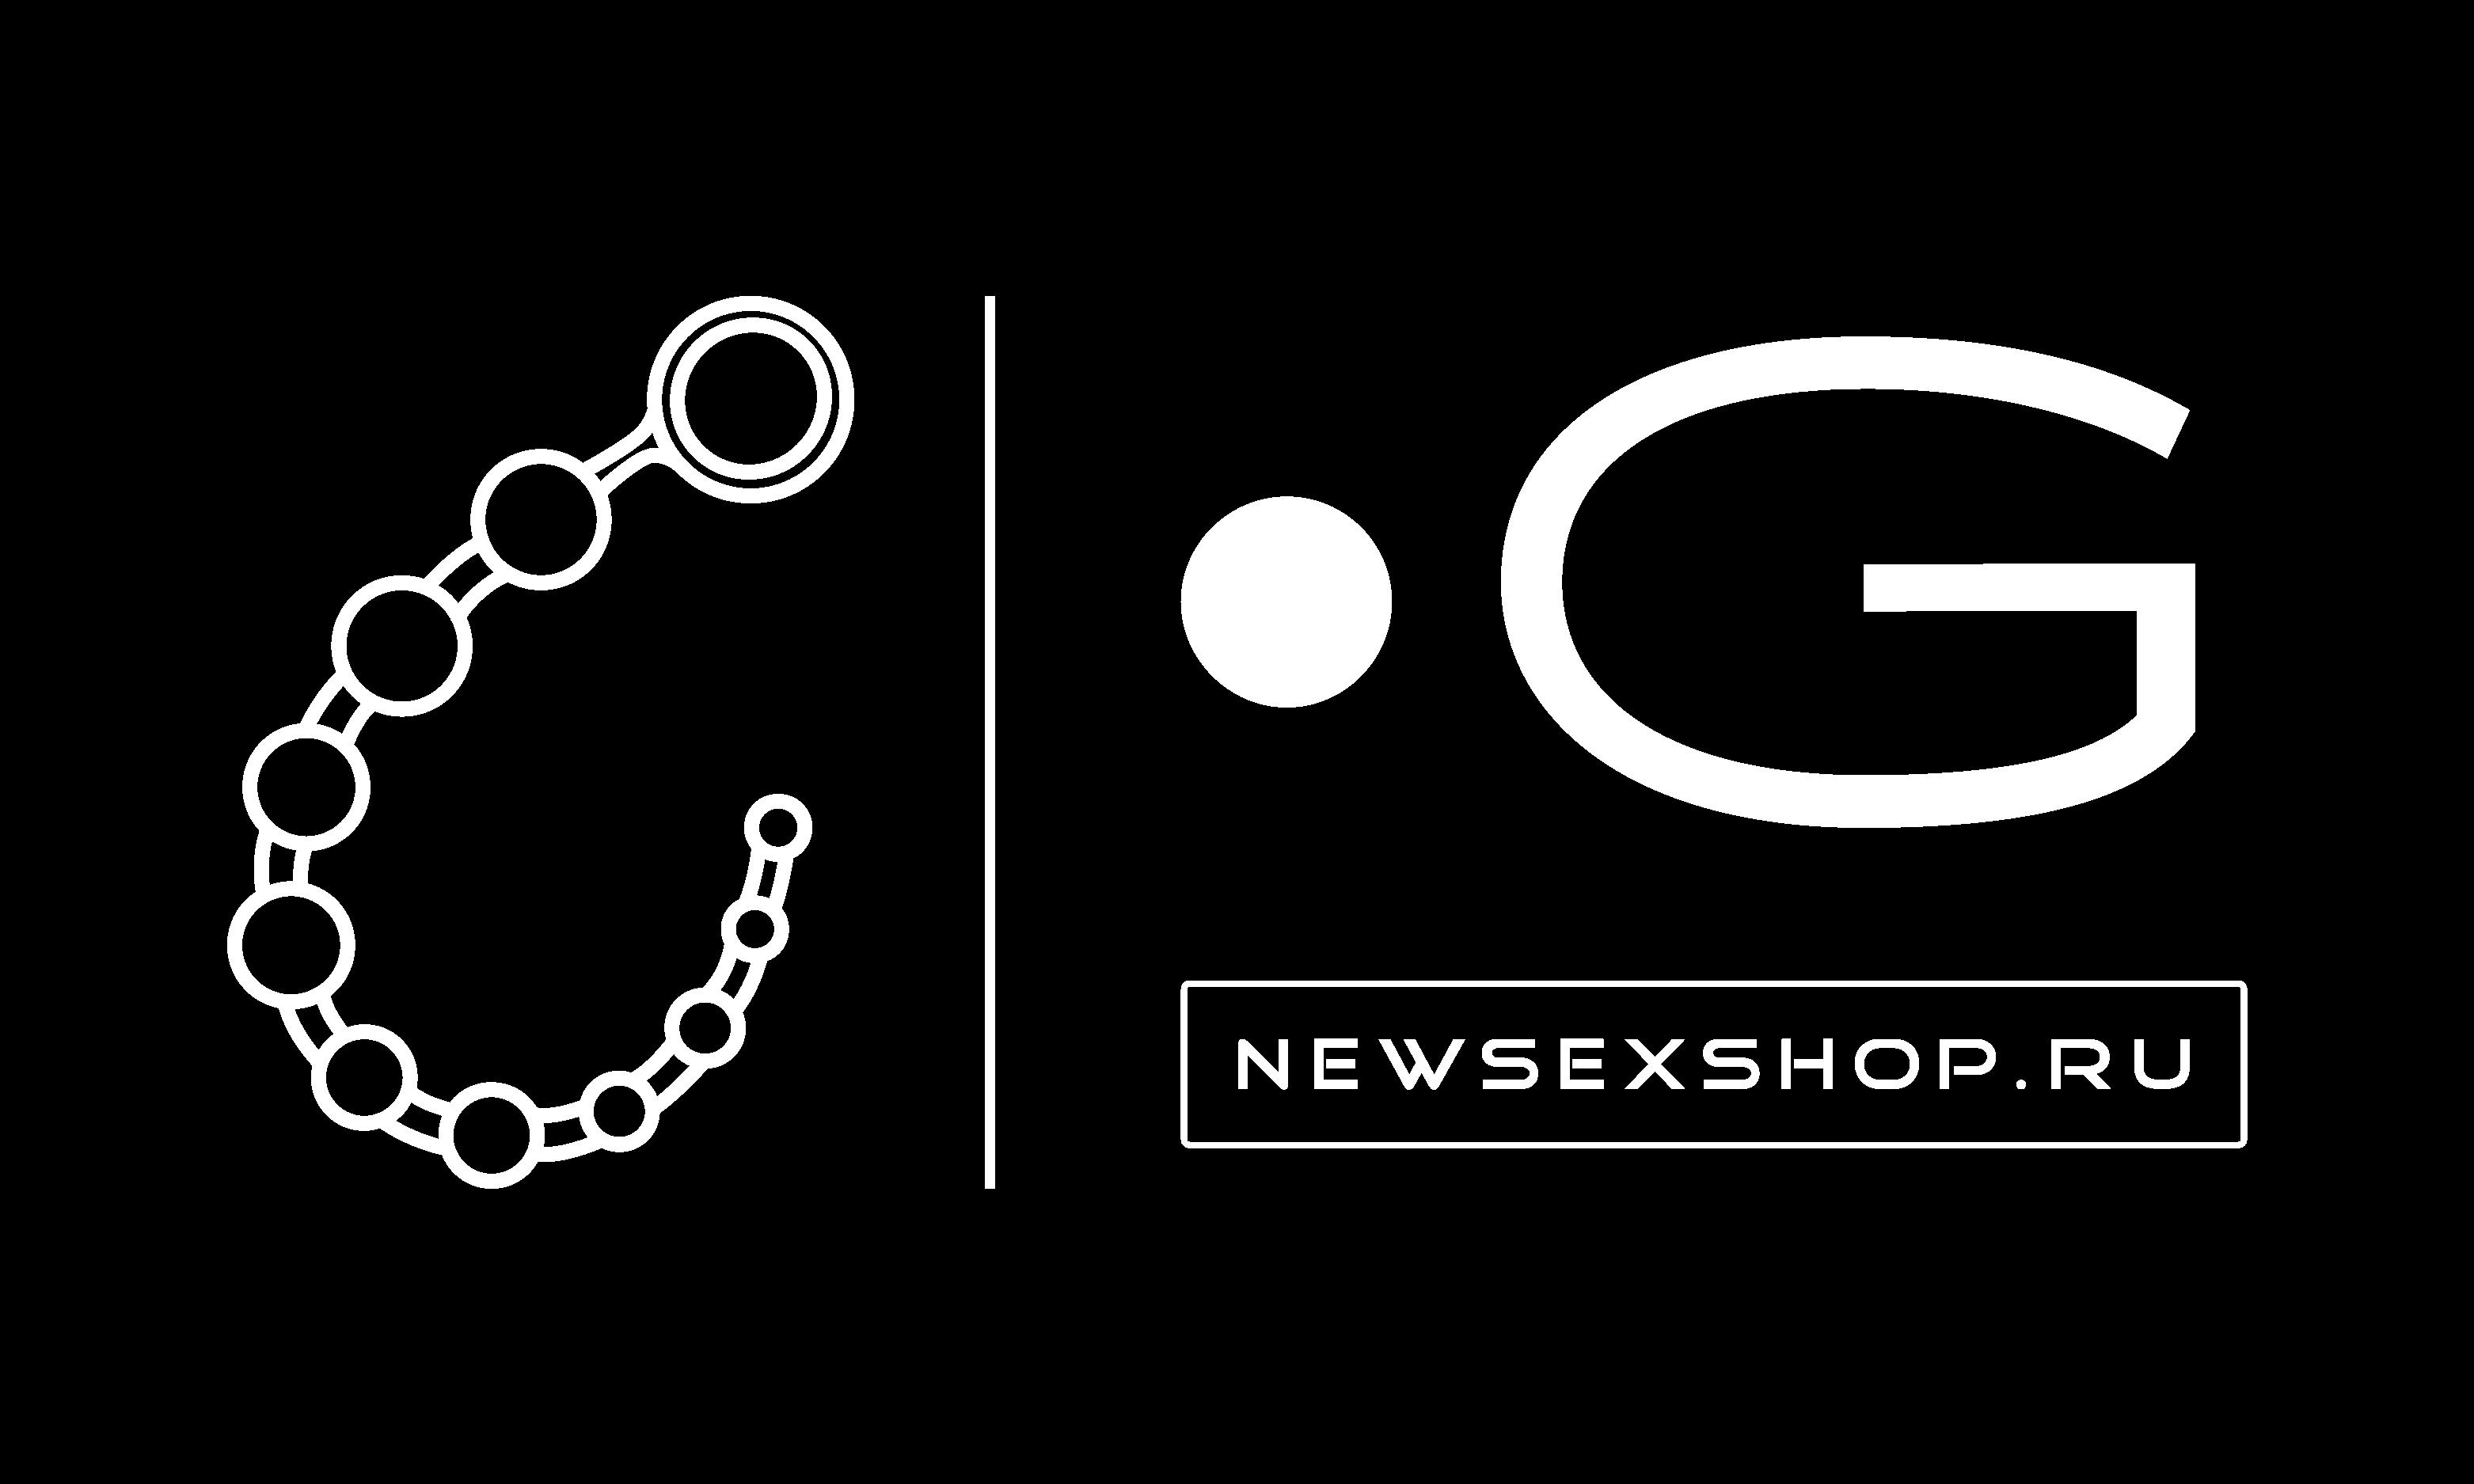 Newsexshop